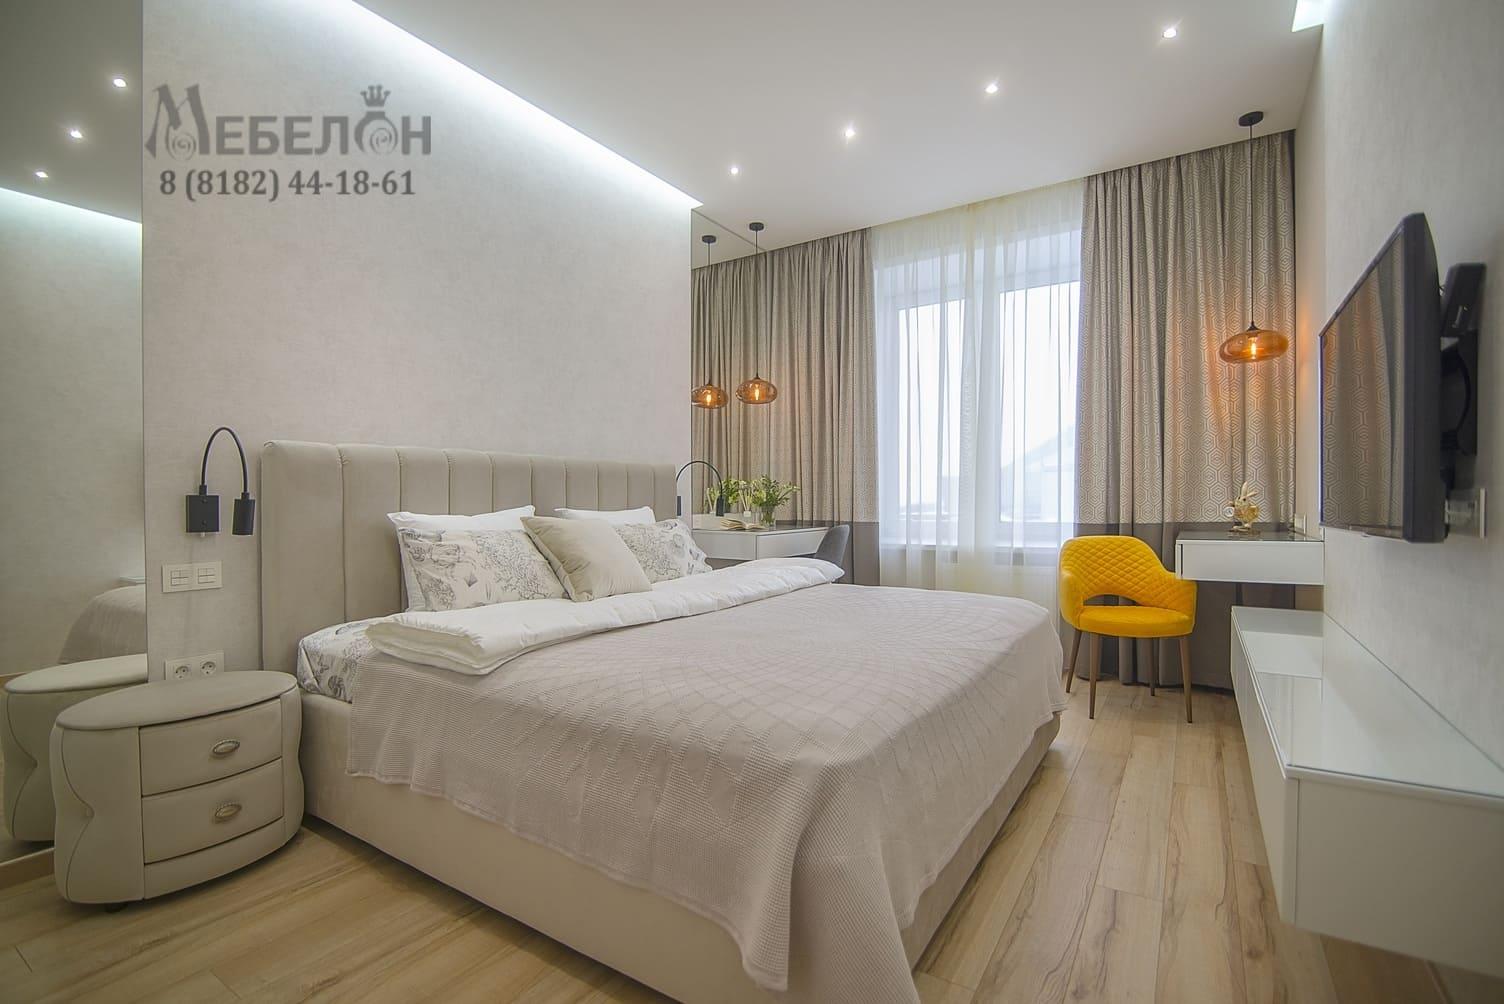 Мебель для спальни на заказ в Архангельске